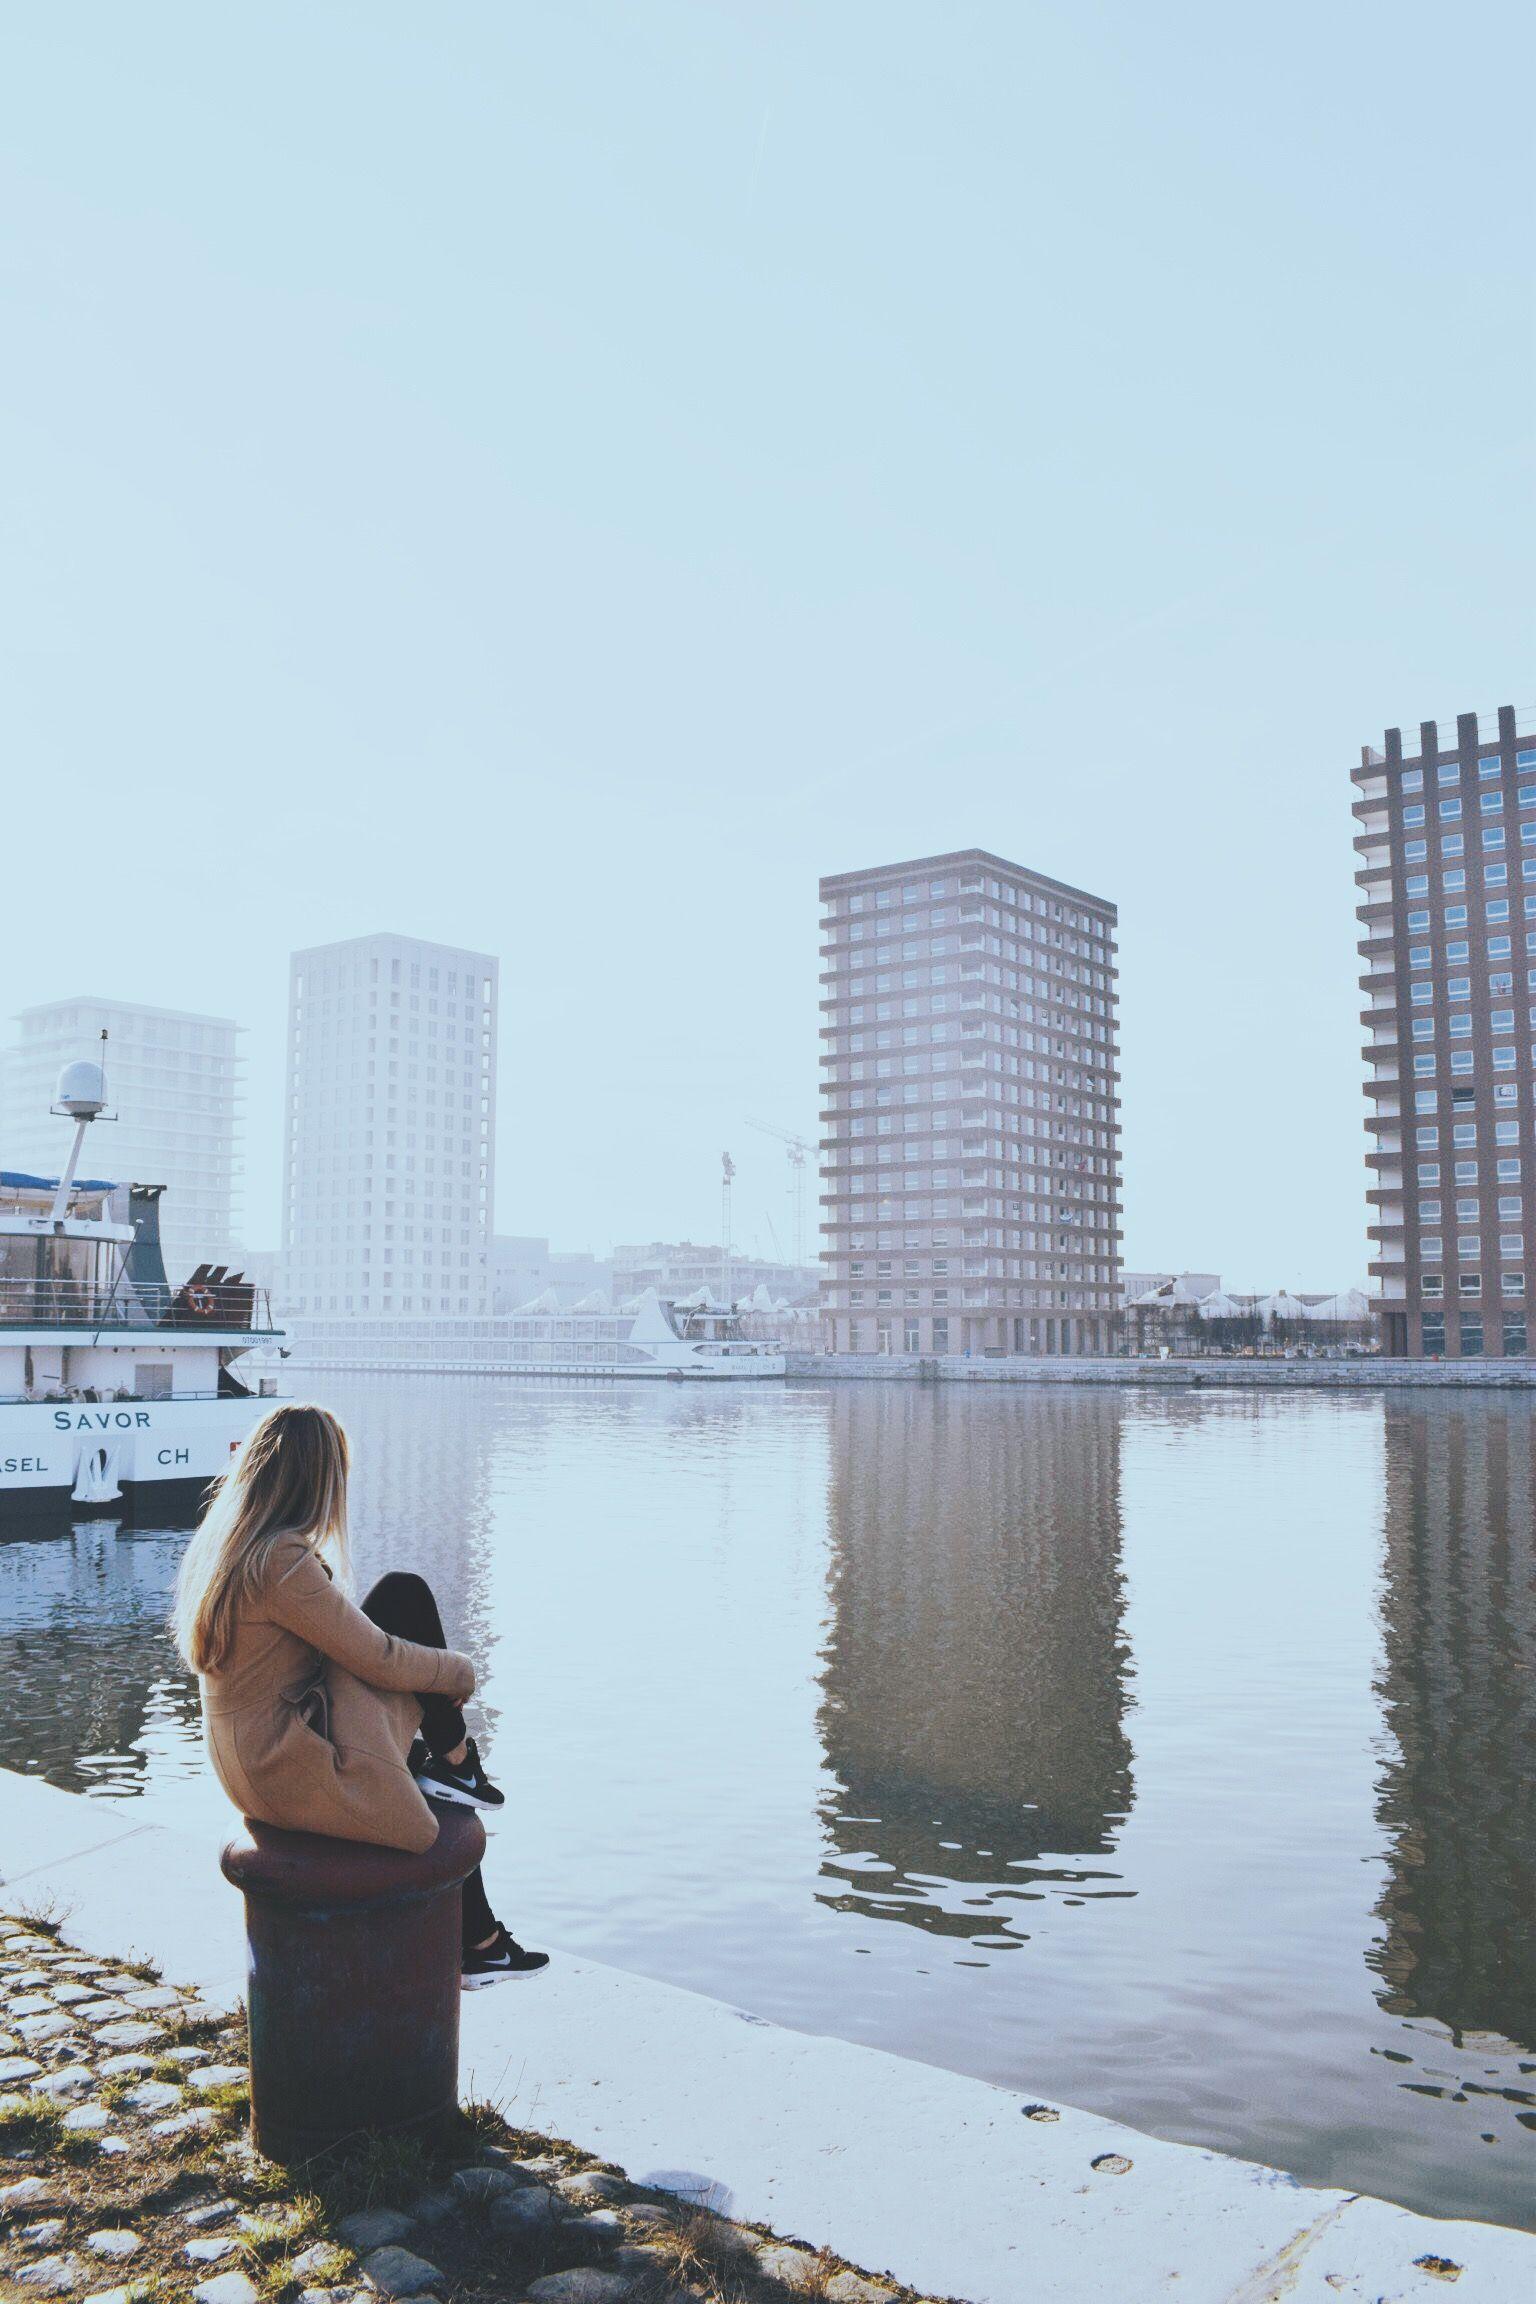 Kattendijkdok. Antwerpen. Nikond3300